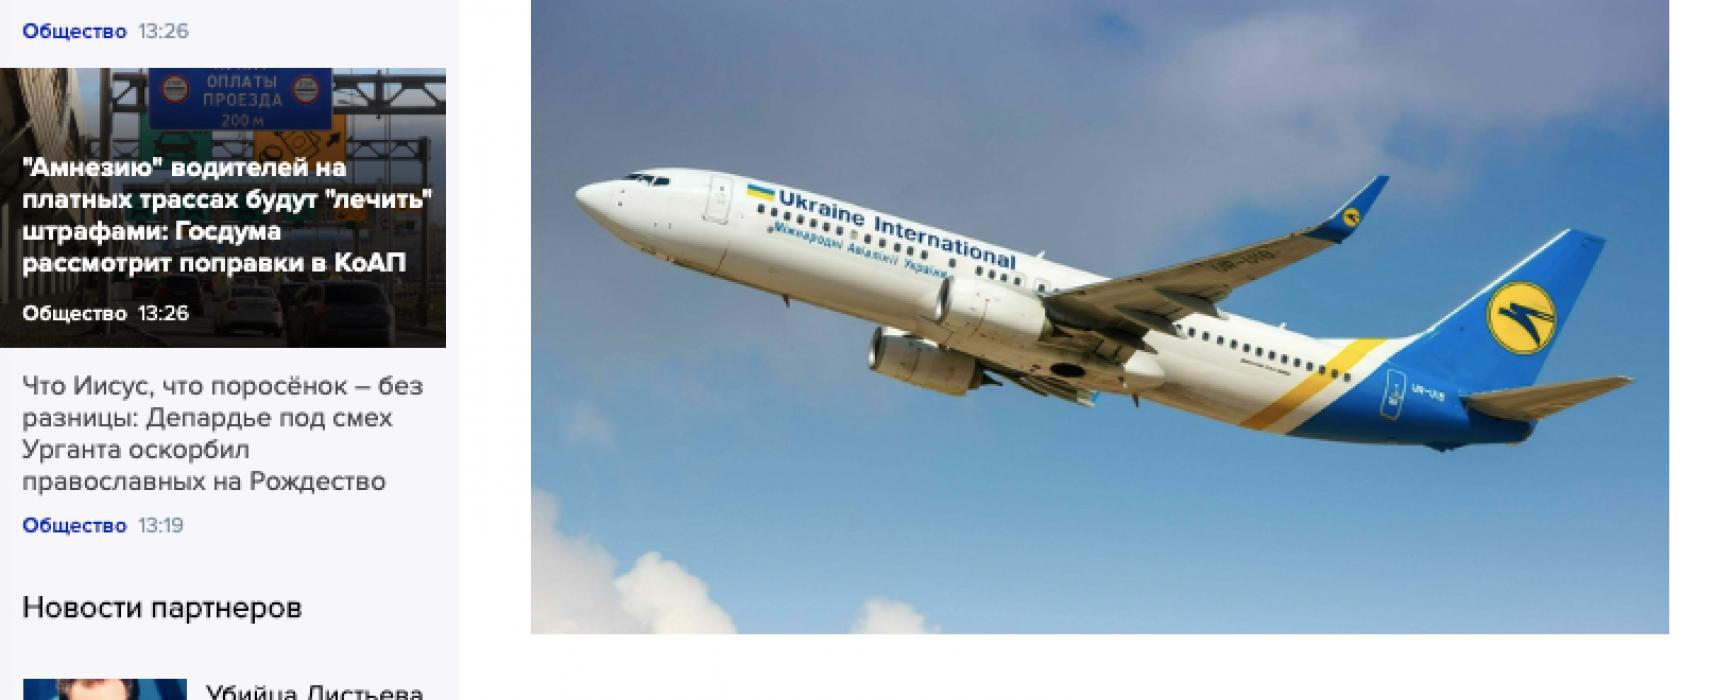 Karma für MH17. Ukrainische Boeing wurde abgeschossen, um einen Krieg im Nahen Osten zu beginnen. Russische Medien über den Absturz des ukrainischen Linienflugzeugs